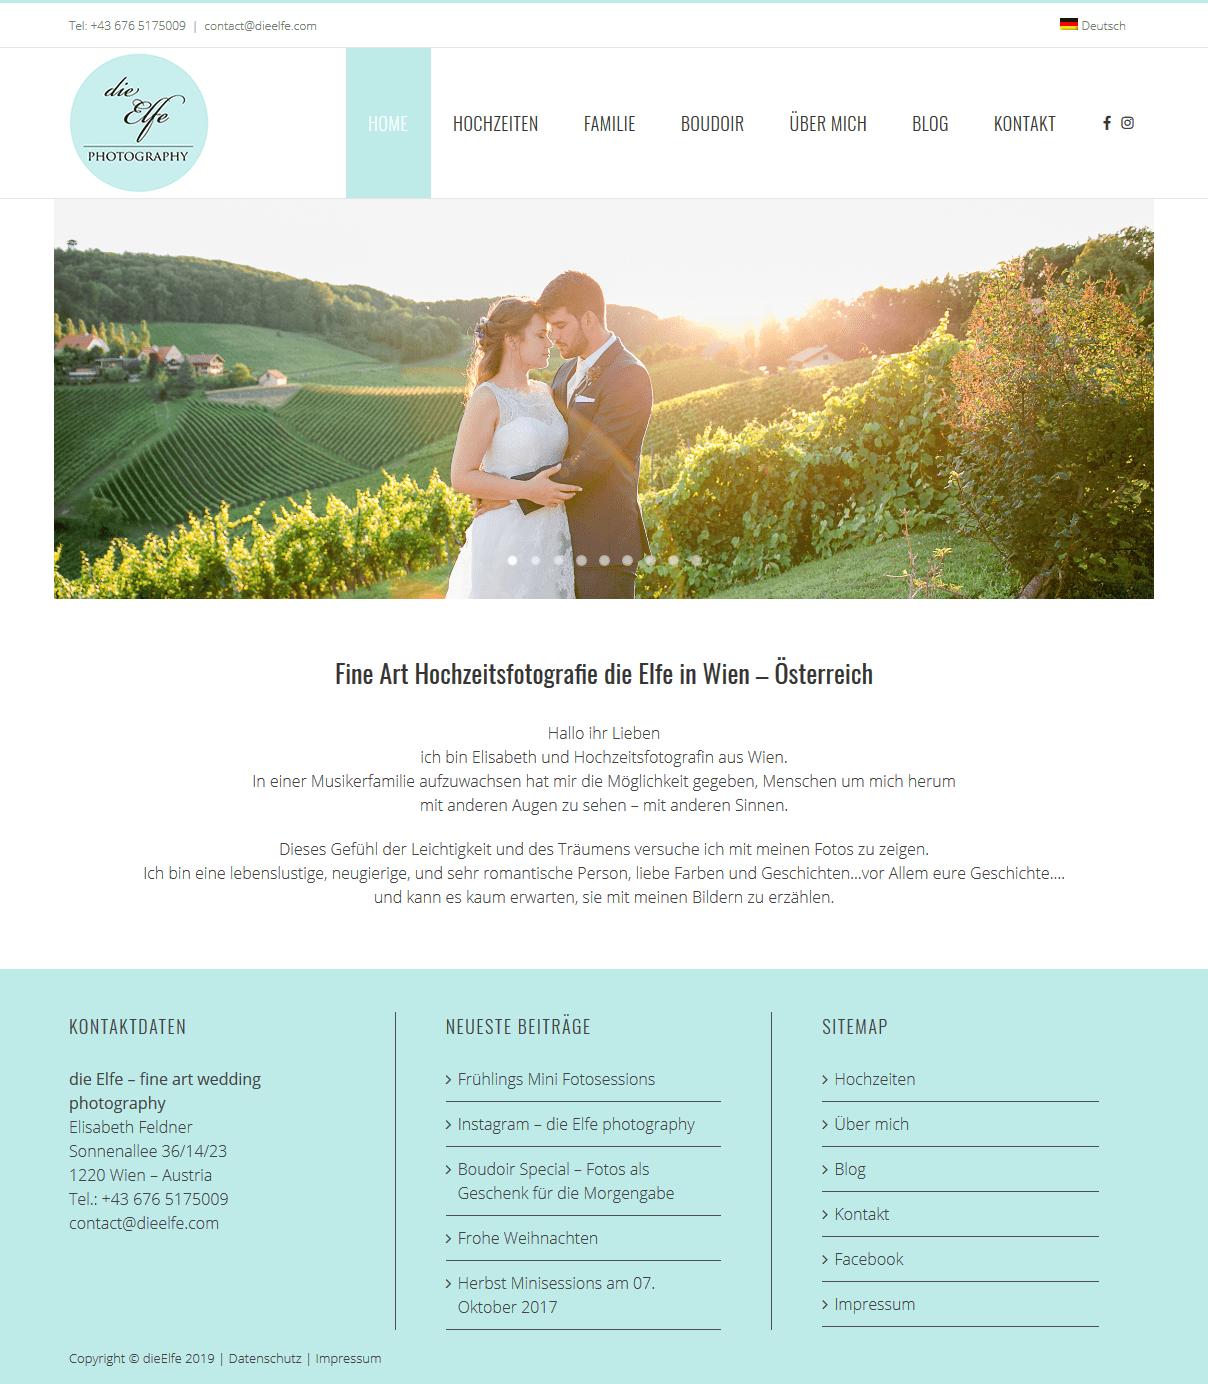 Screenshot_2019-10-23 die Elfe - Hochzeitsfotografie